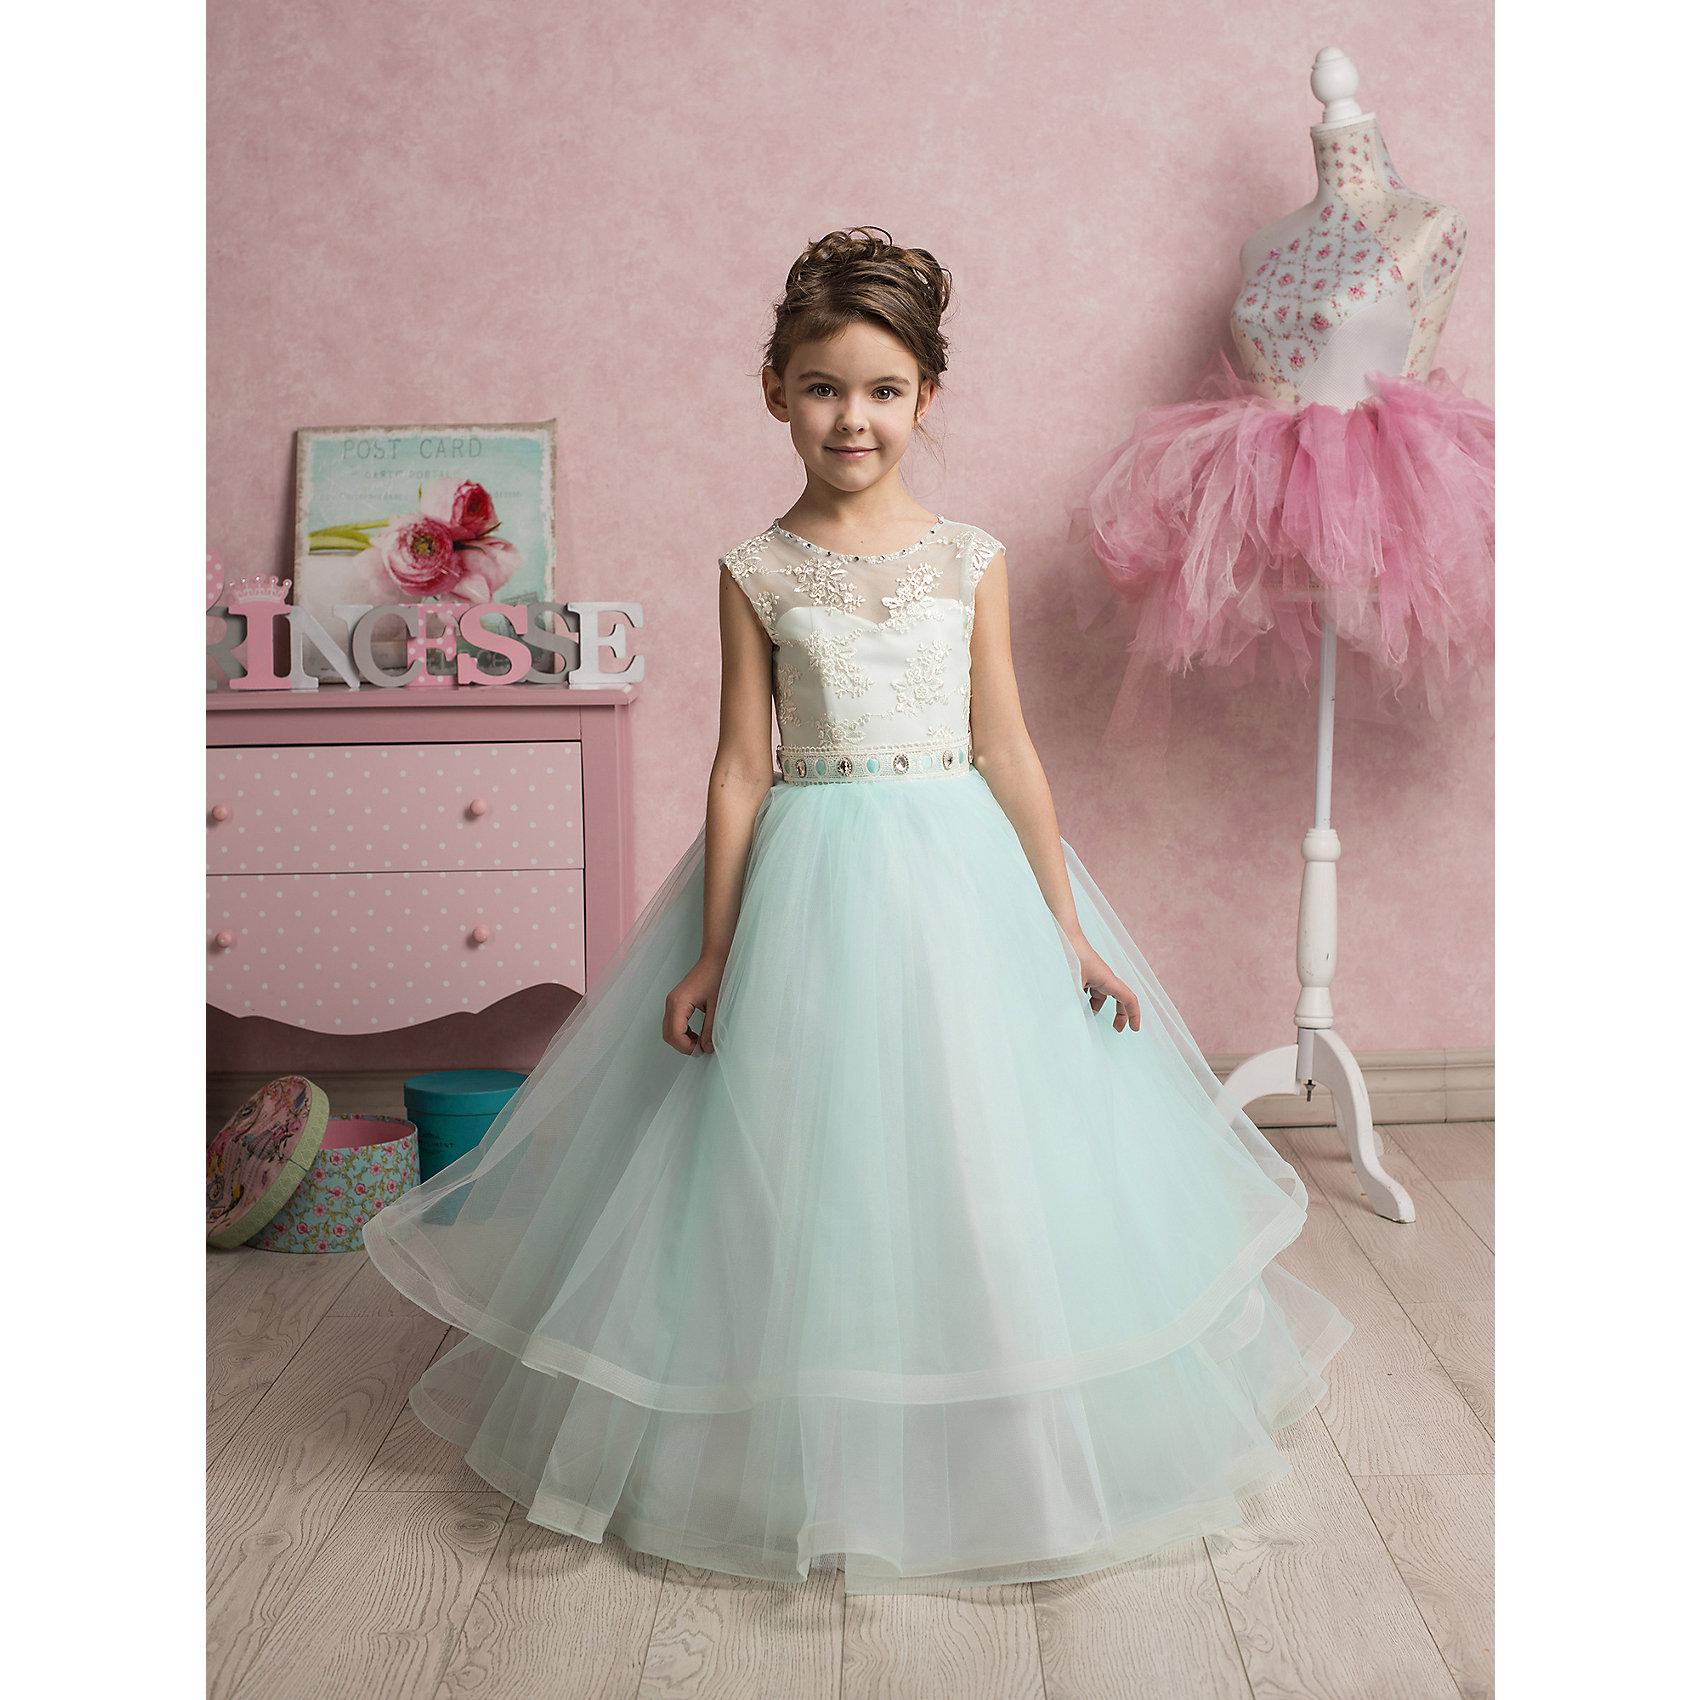 Престиж Платье нарядное Престиж купить в интернет магазине платье плиссе